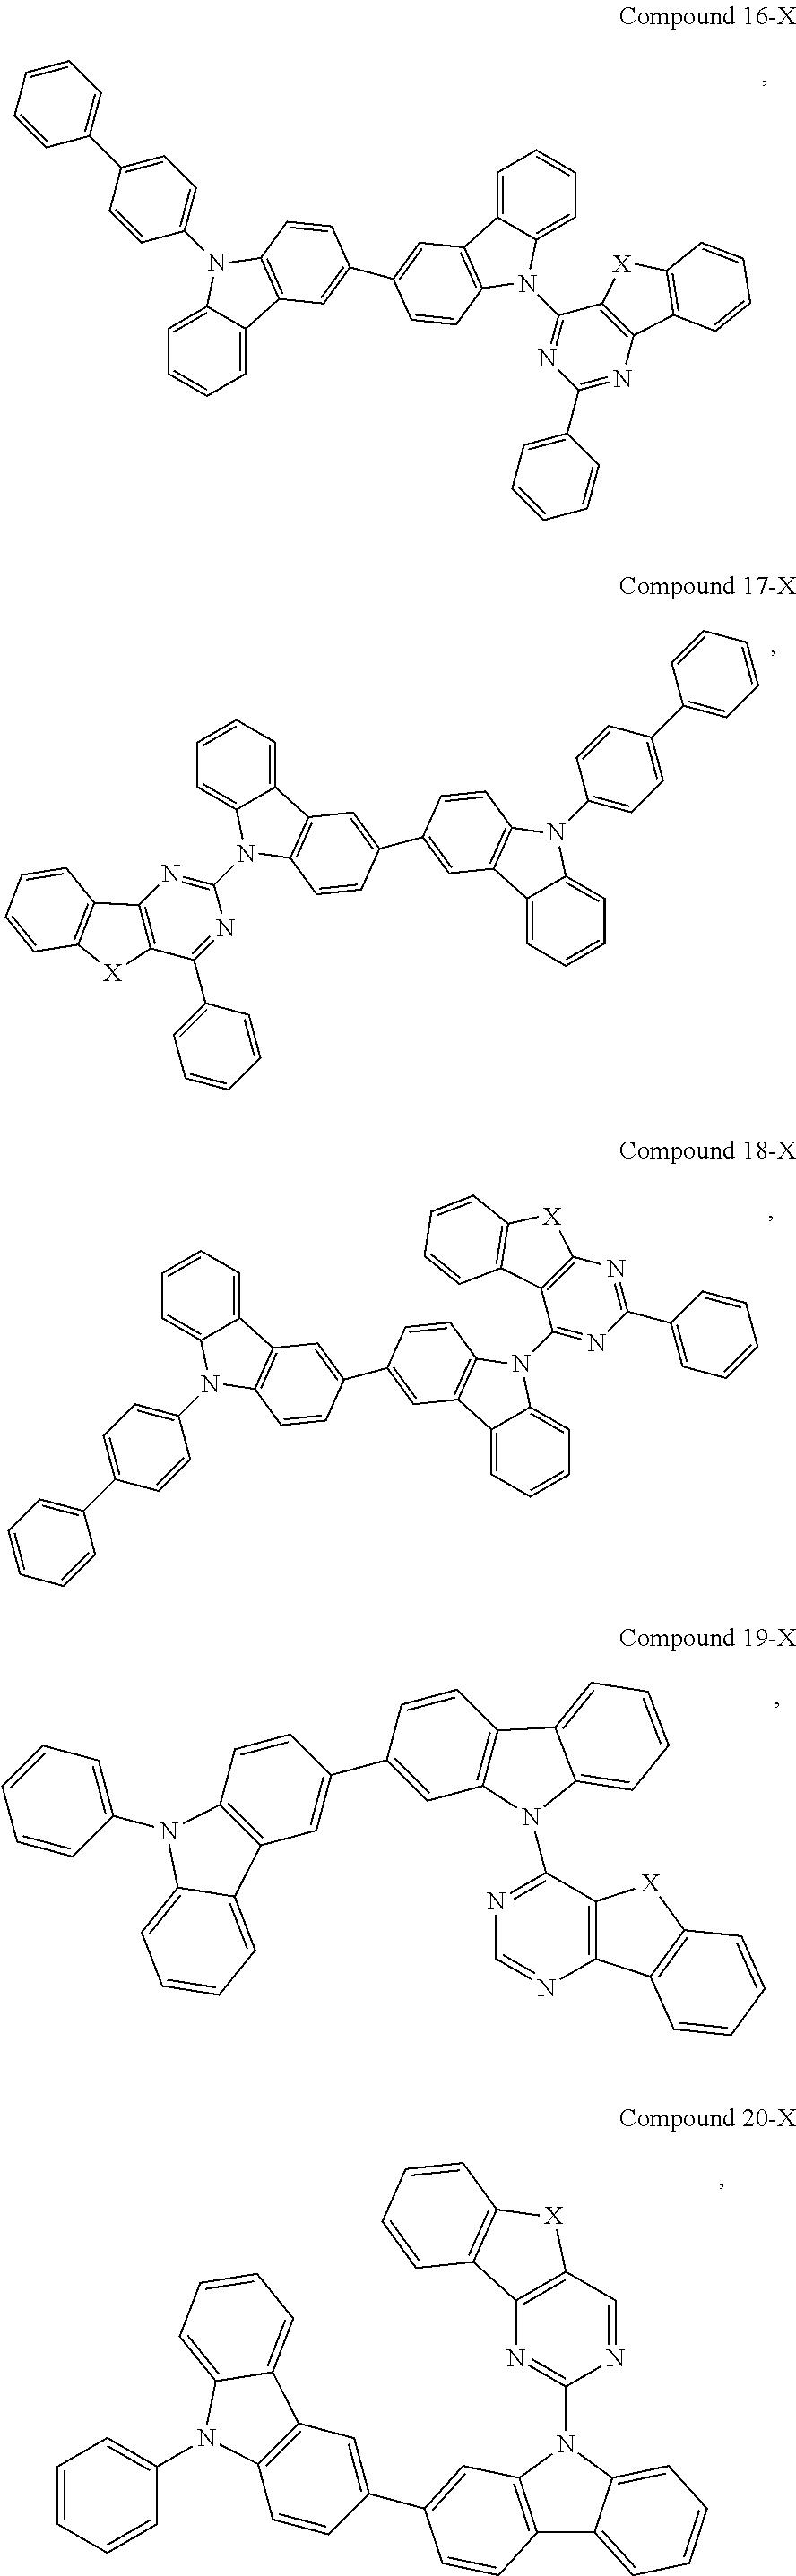 Figure US09553274-20170124-C00010